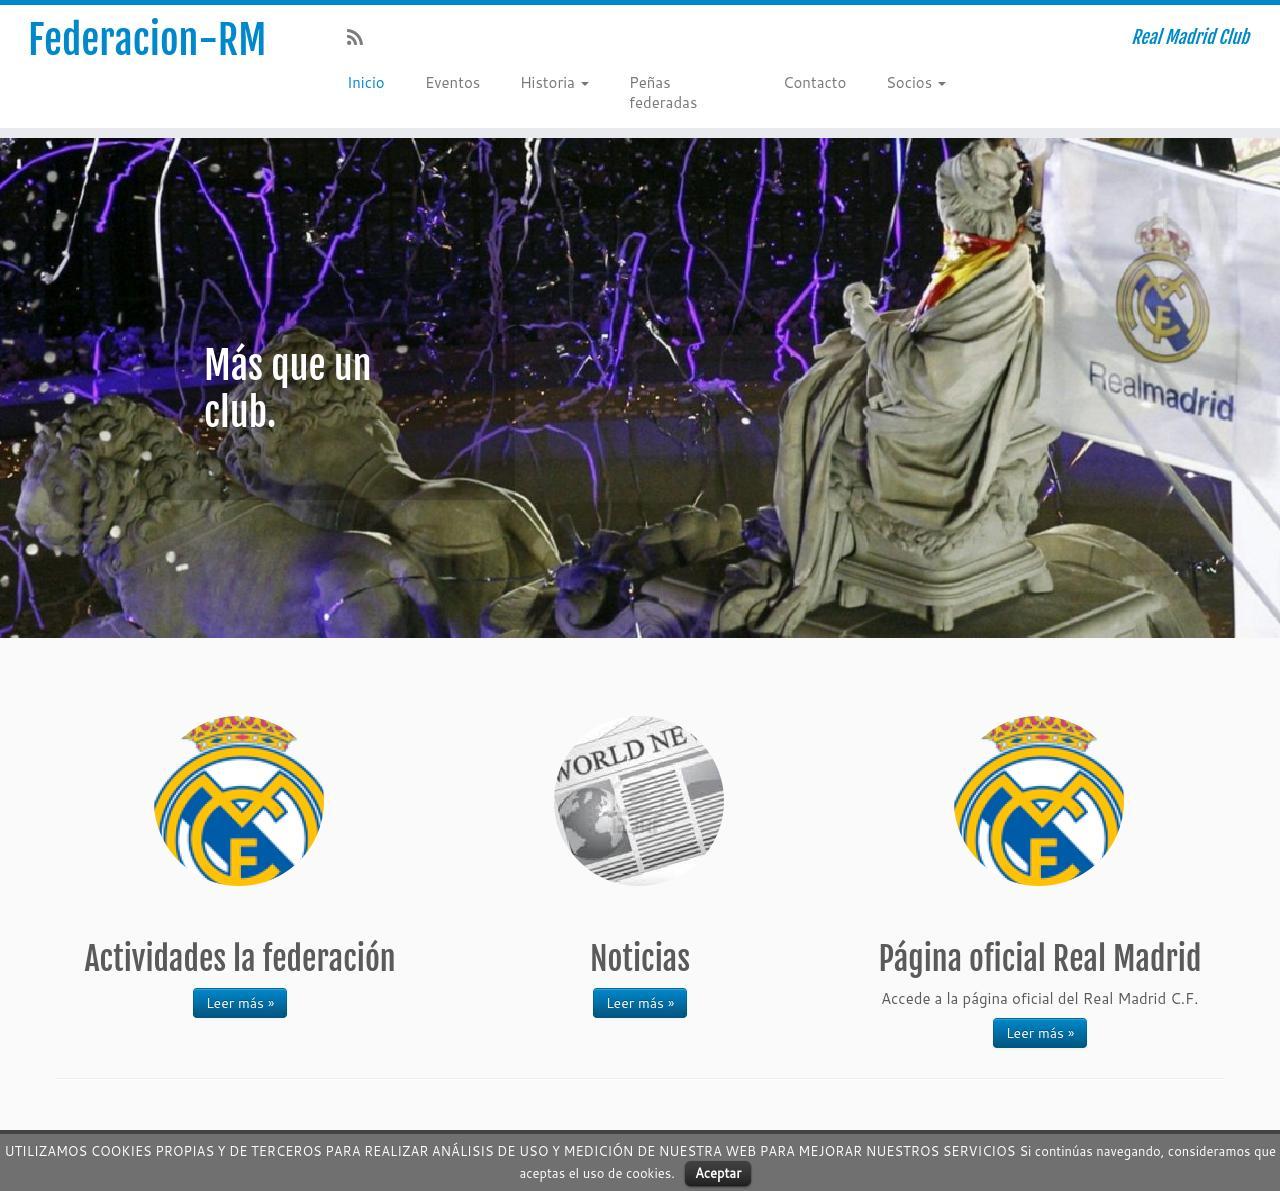 Federación Real Madrid Suiza